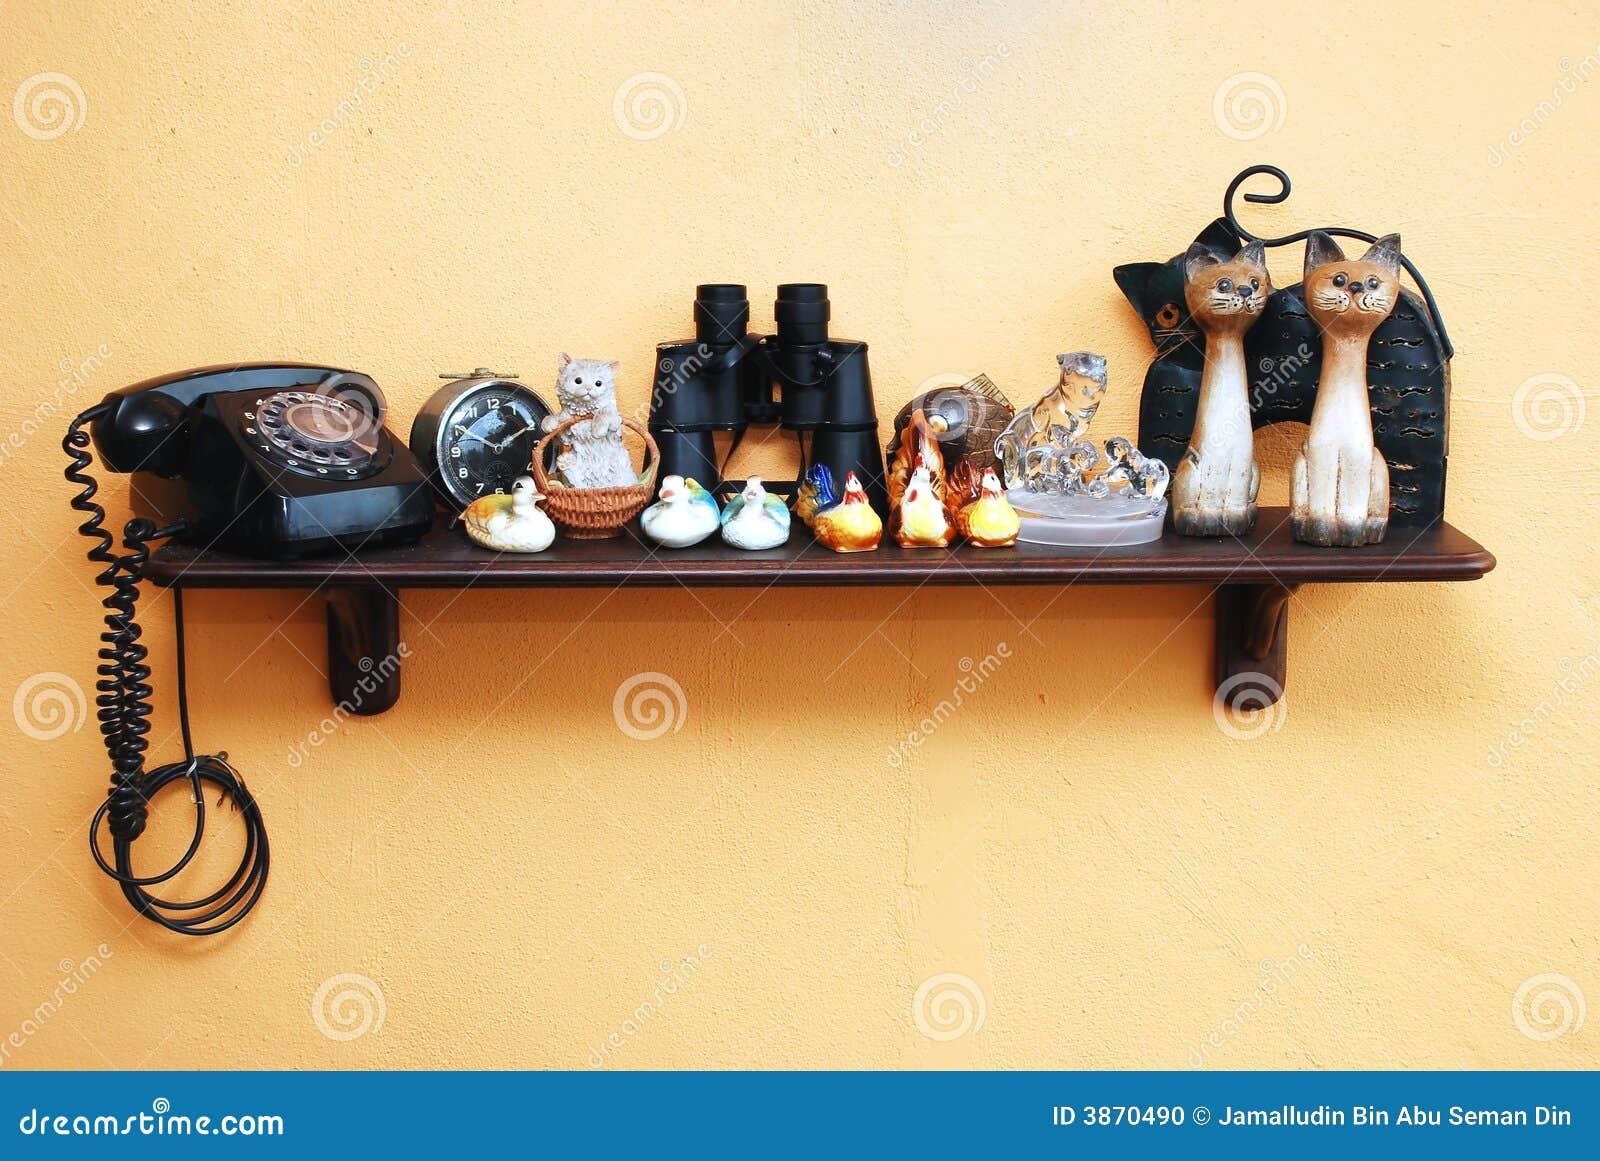 De decoratie van het huis stock foto afbeelding 3870490 - Afbeelding van huisdecoratie ...